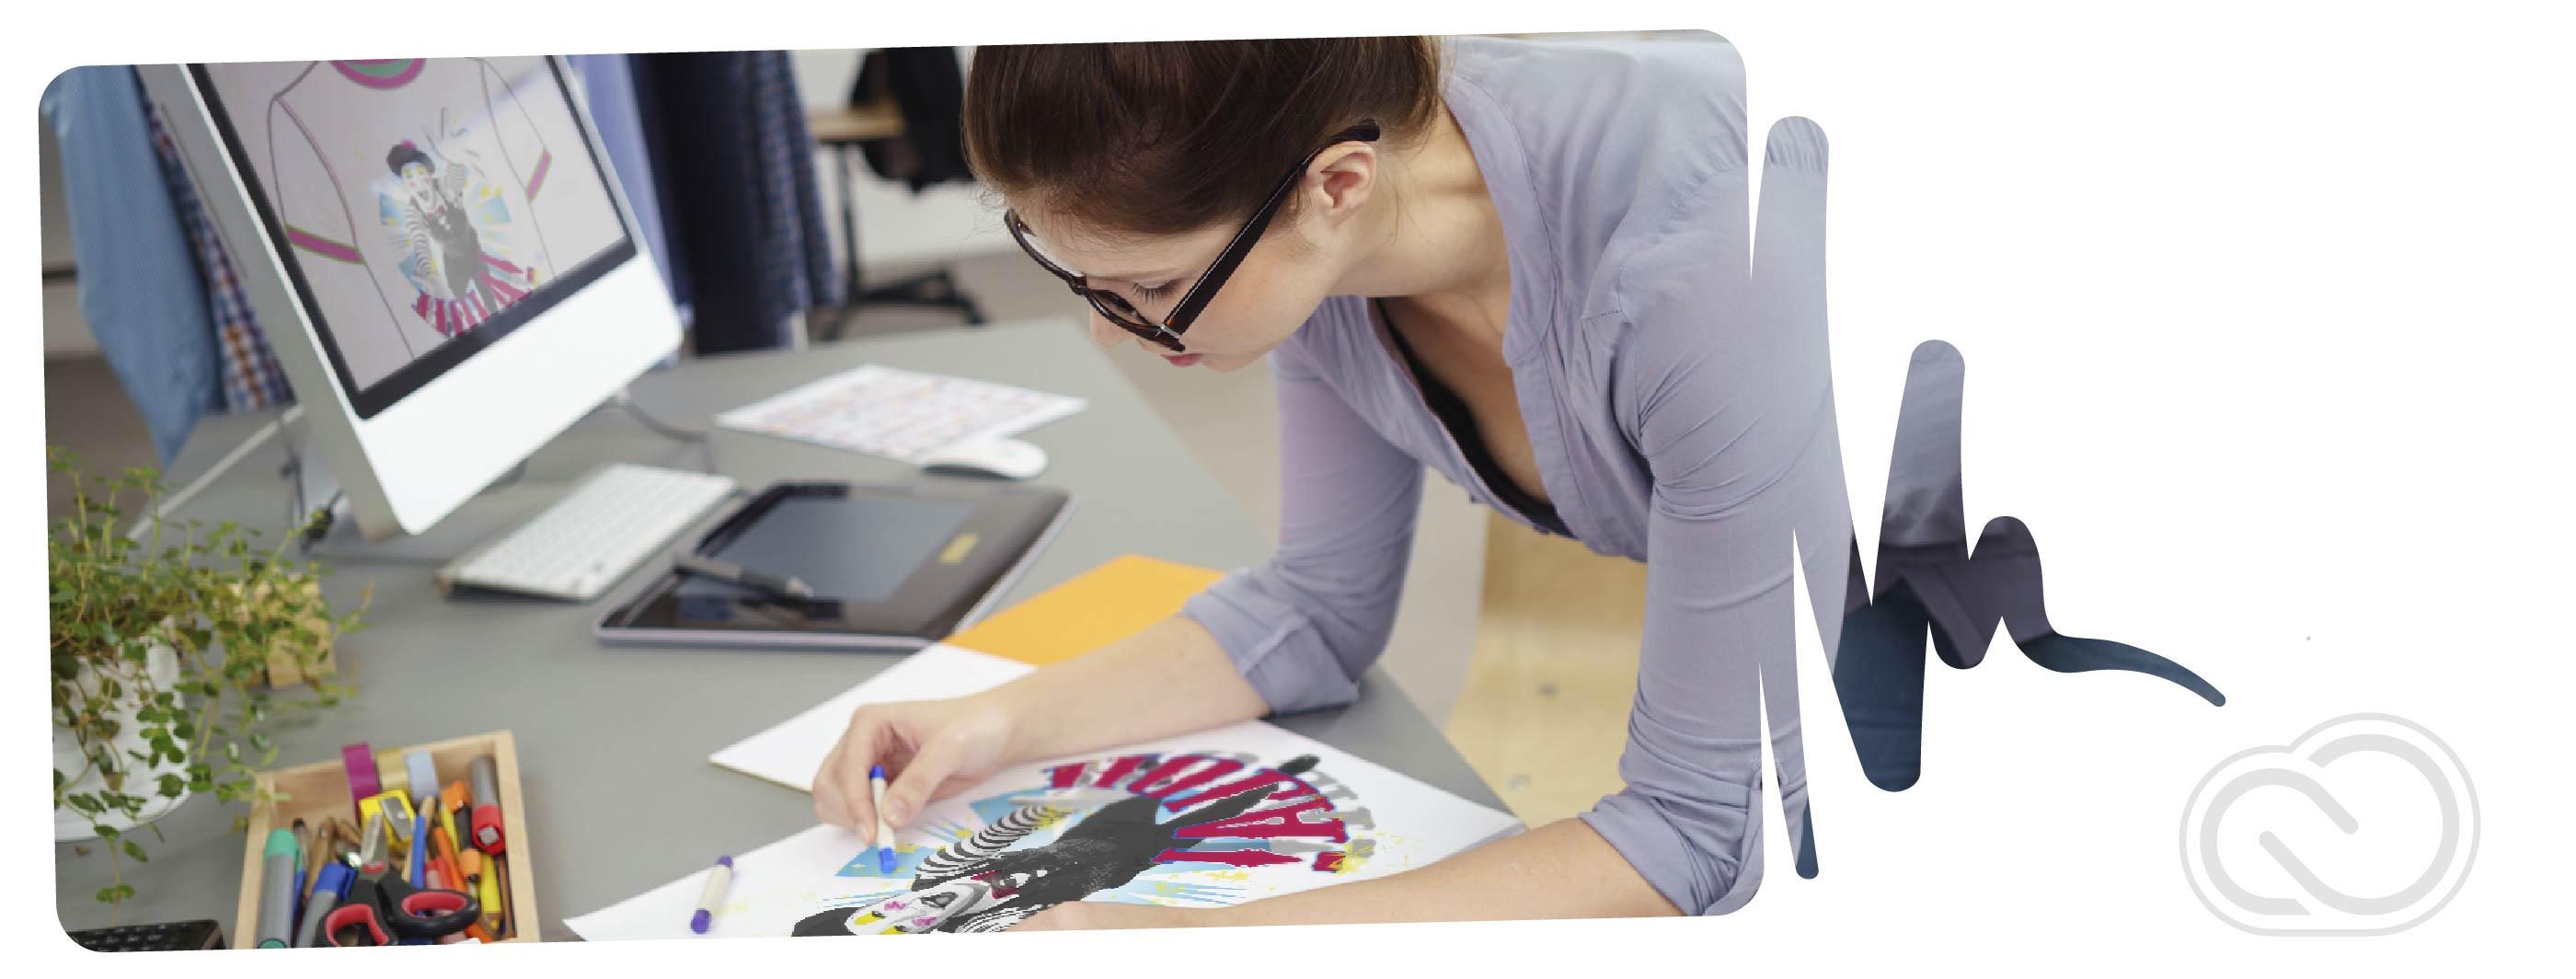 corsi di fashion design live training milano On corsi grafica milano